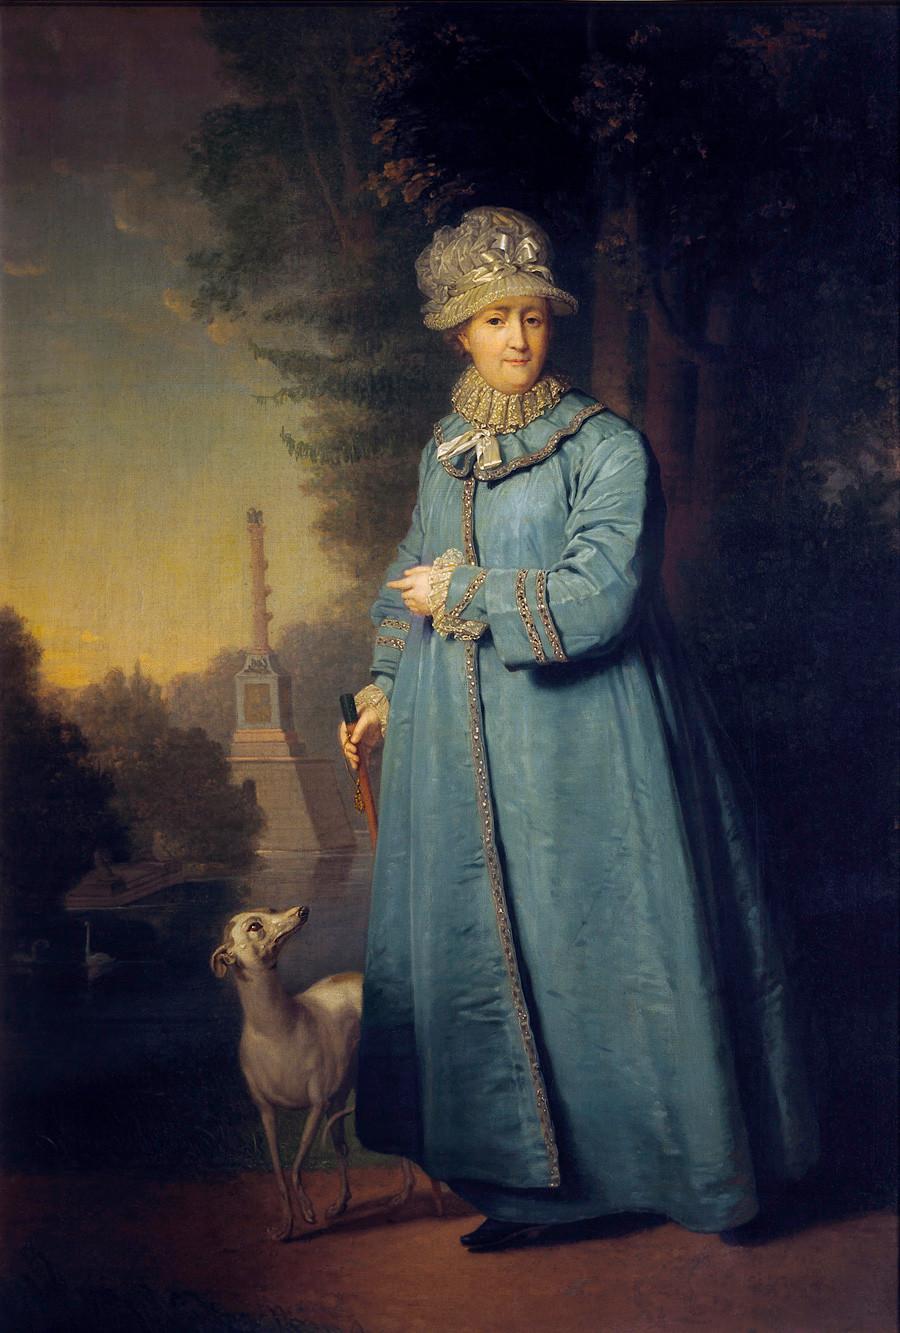 《叶卡捷琳娜大帝在皇村花园散步》,弗拉基米尔•博罗维科夫斯基,1794年。图片来源:State Tretyakov Gallery